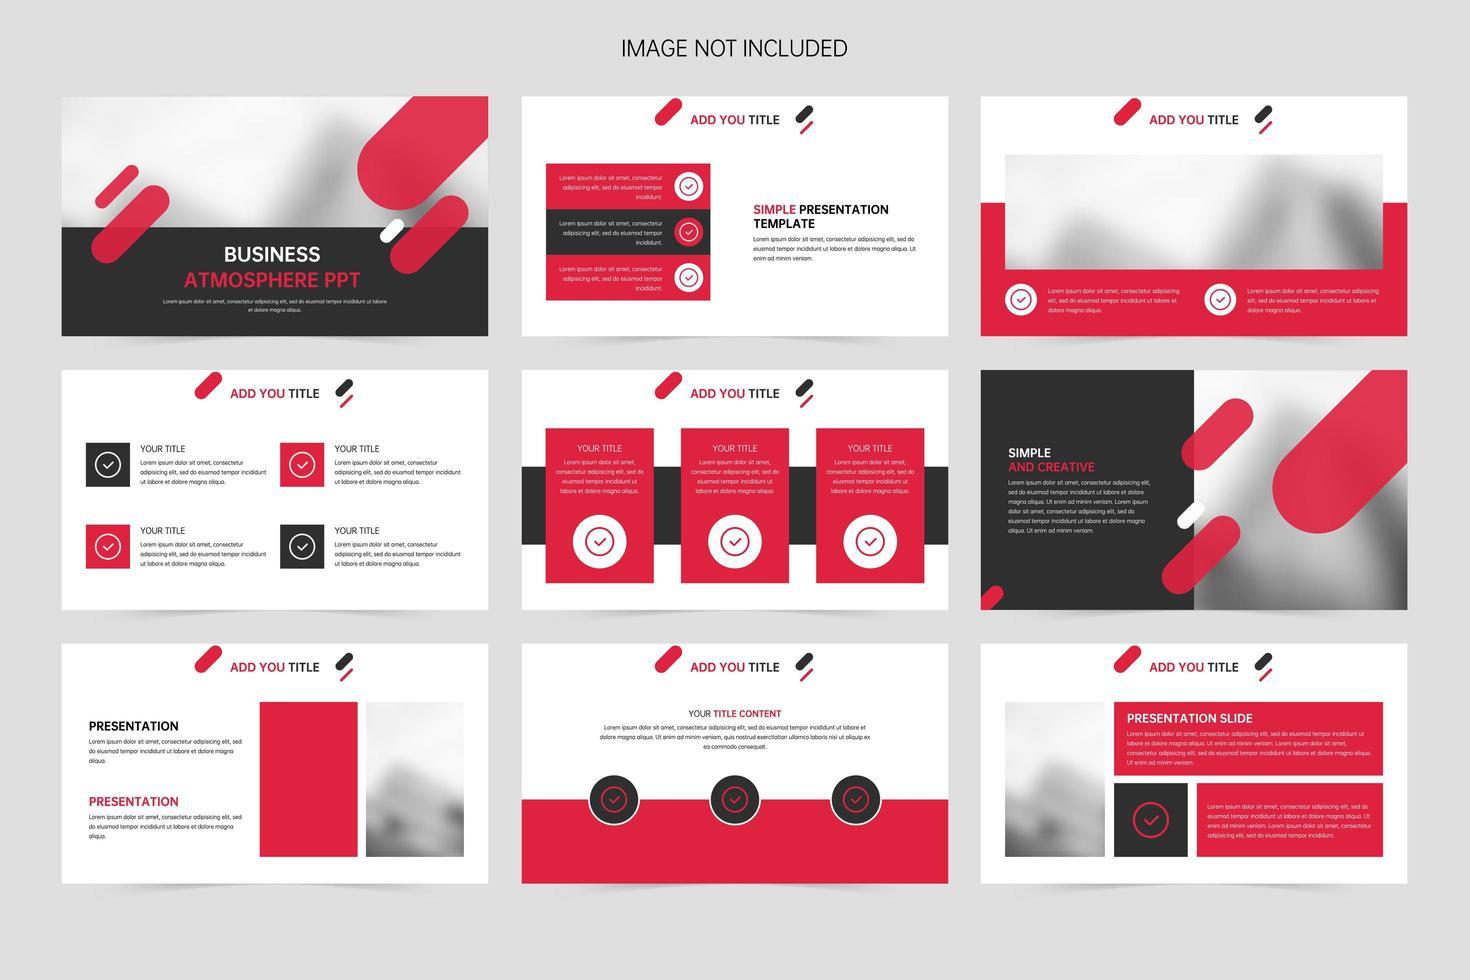 slides de apresentação de apresentação de promoção de negócios criativa geométrica vermelha vetor